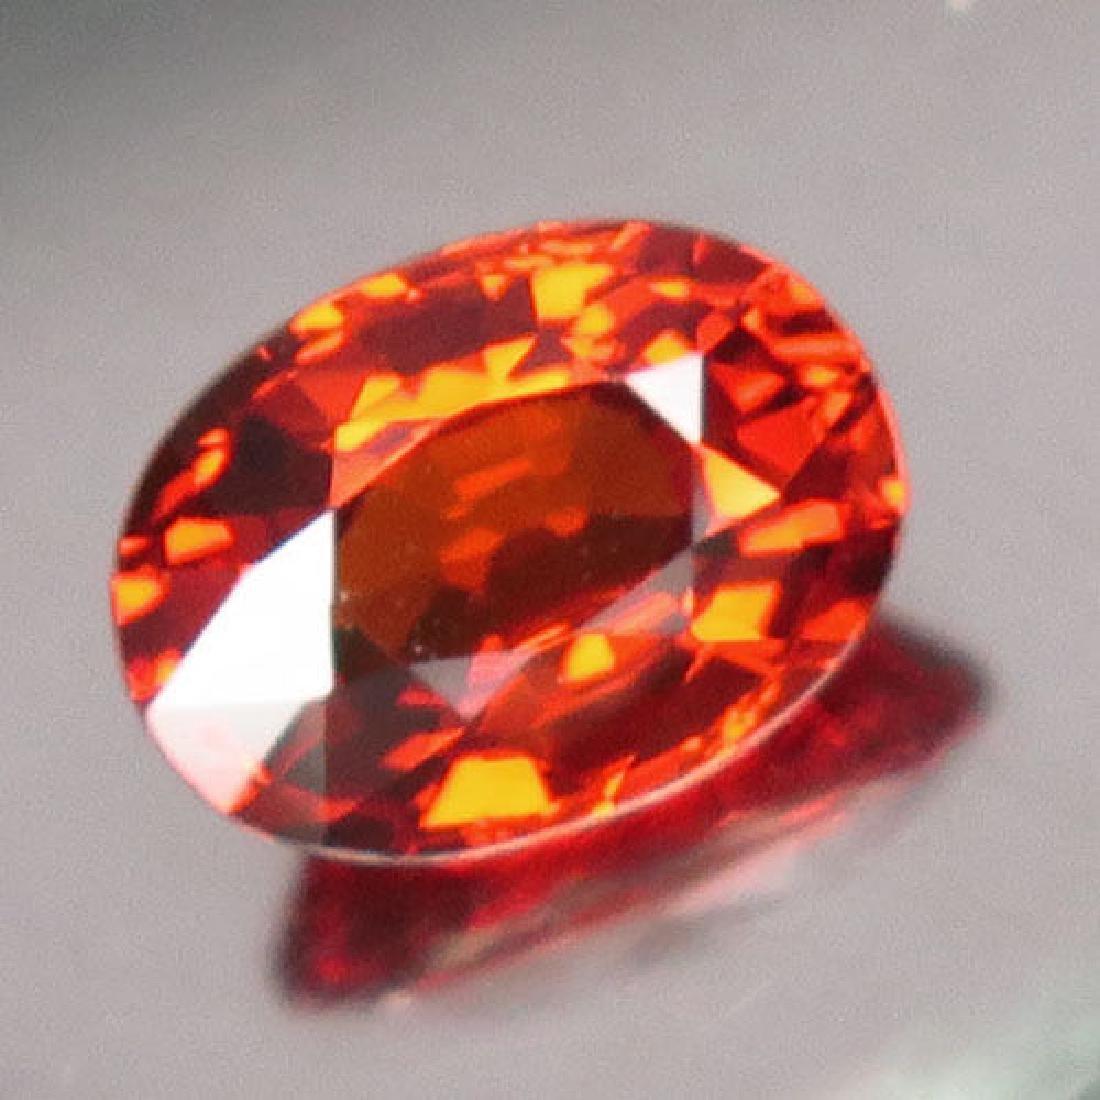 Natural Mandarin Spessartite 2.14 ct - VVS